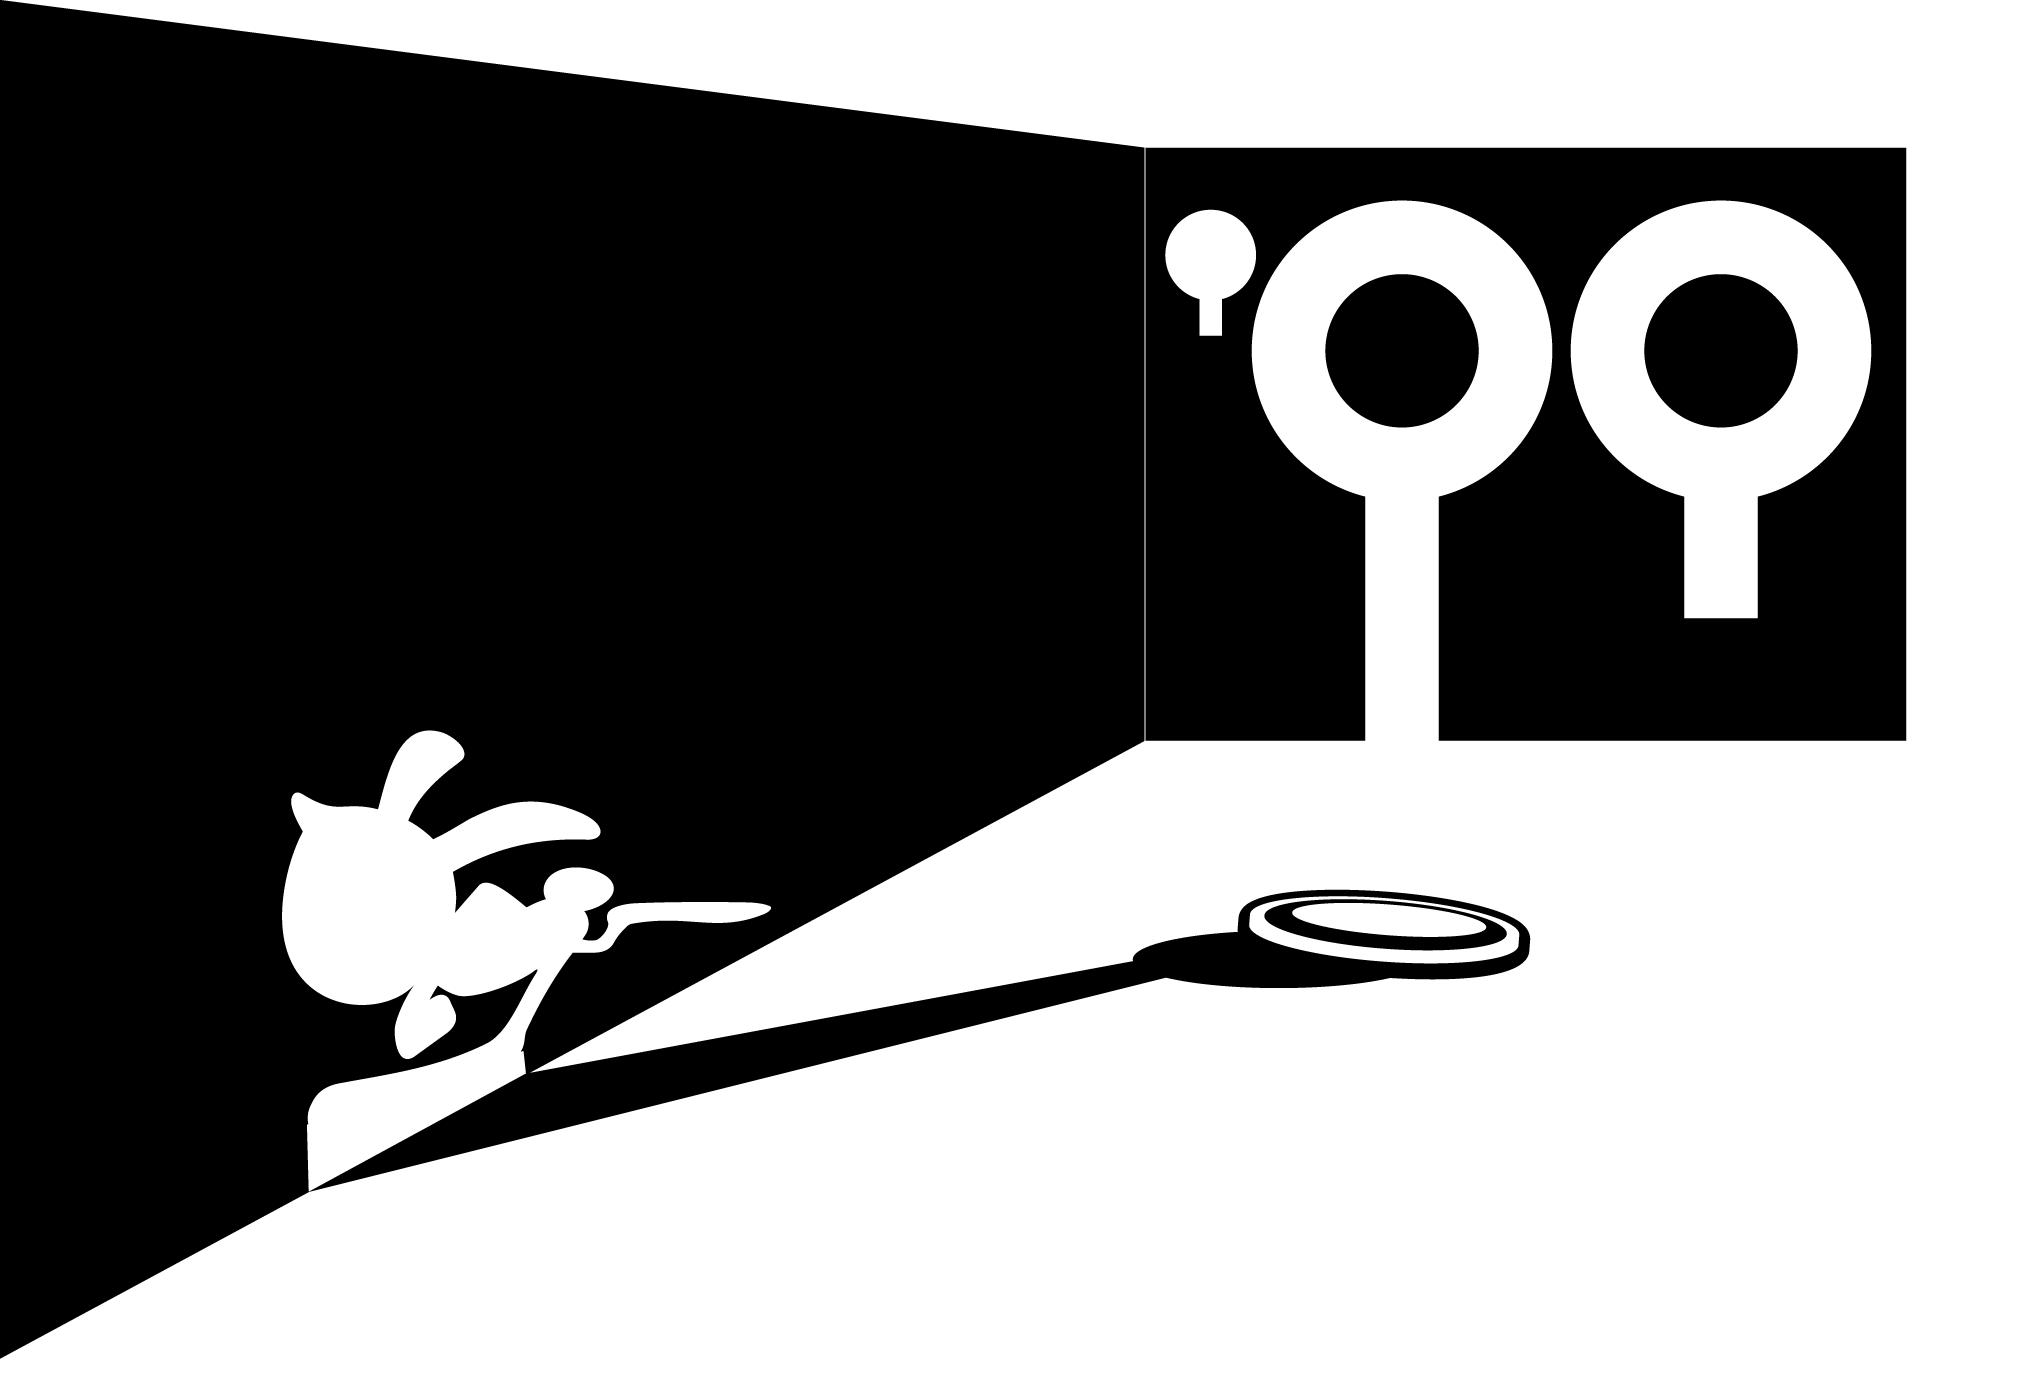 1999年賀状09:うさぎの影のダウンロード画像